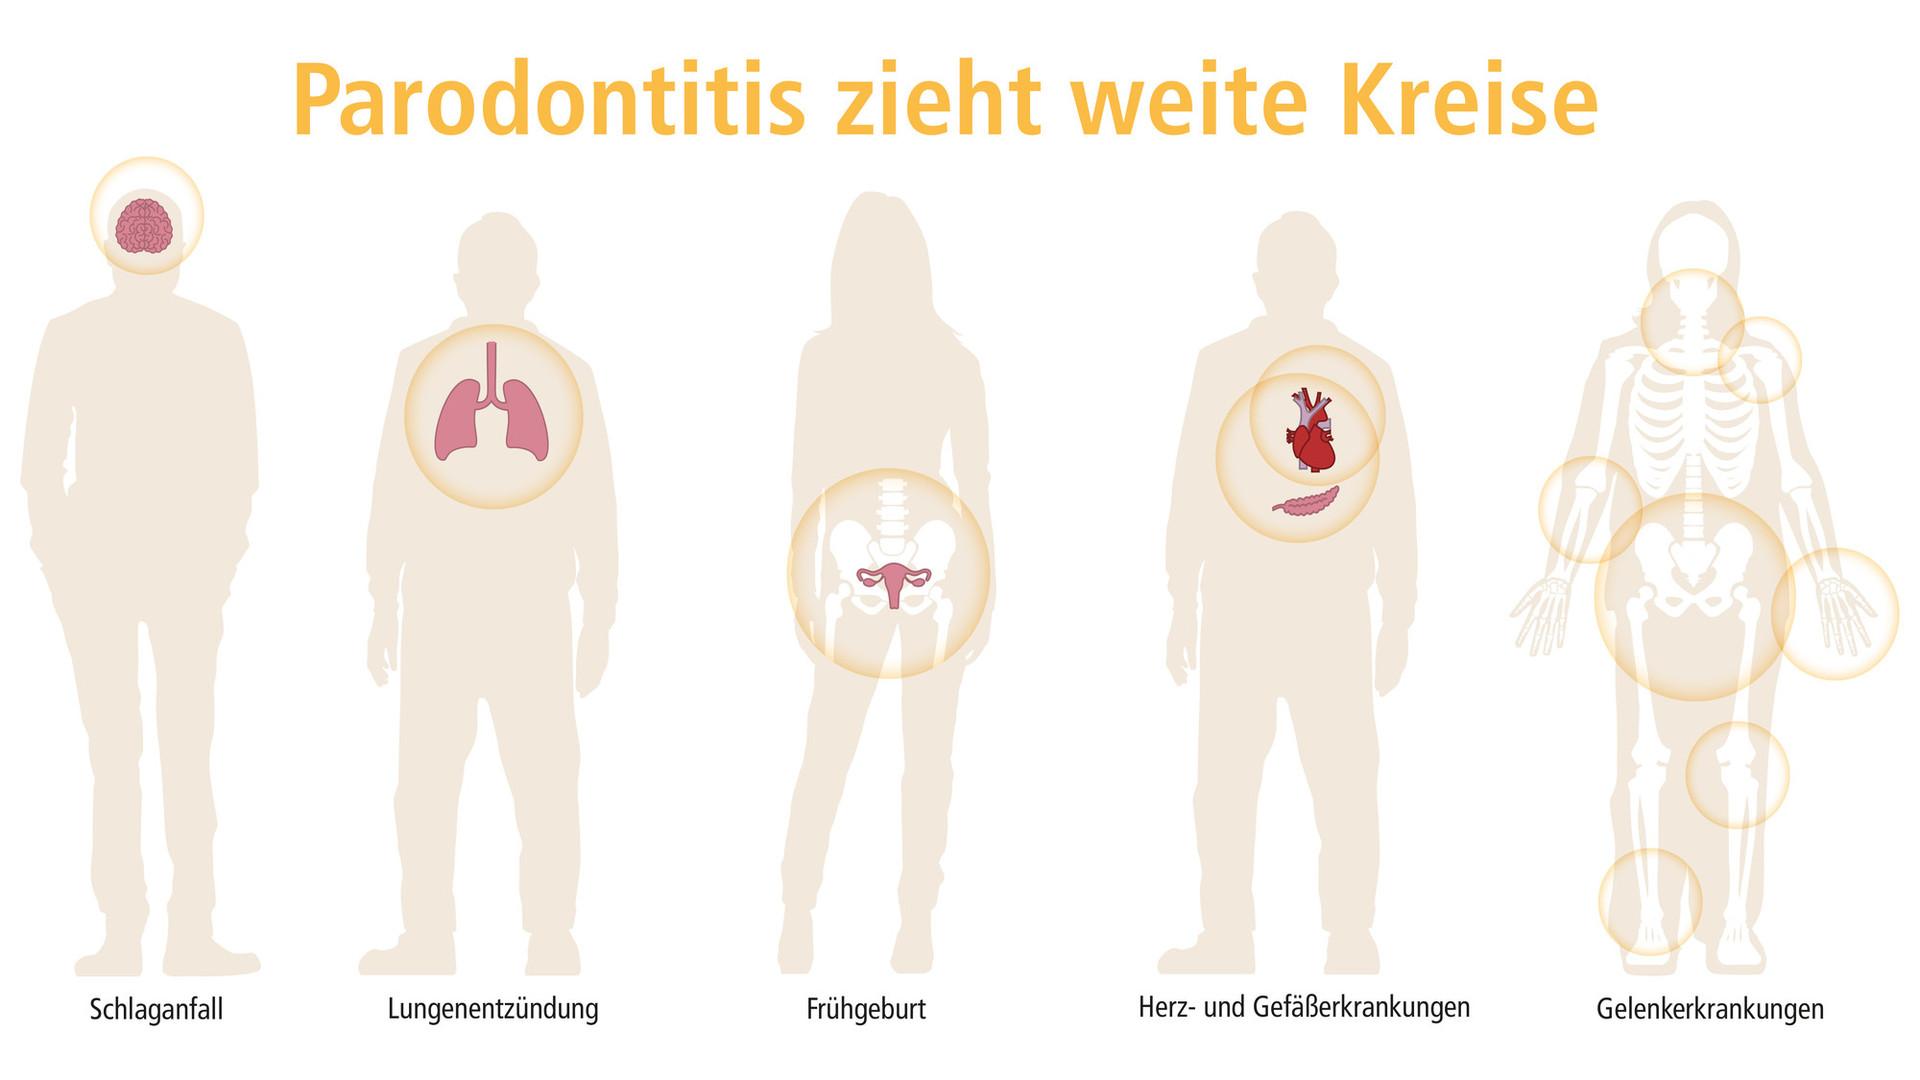 parodontitis-zieht-weite-kreise_quer_header-001